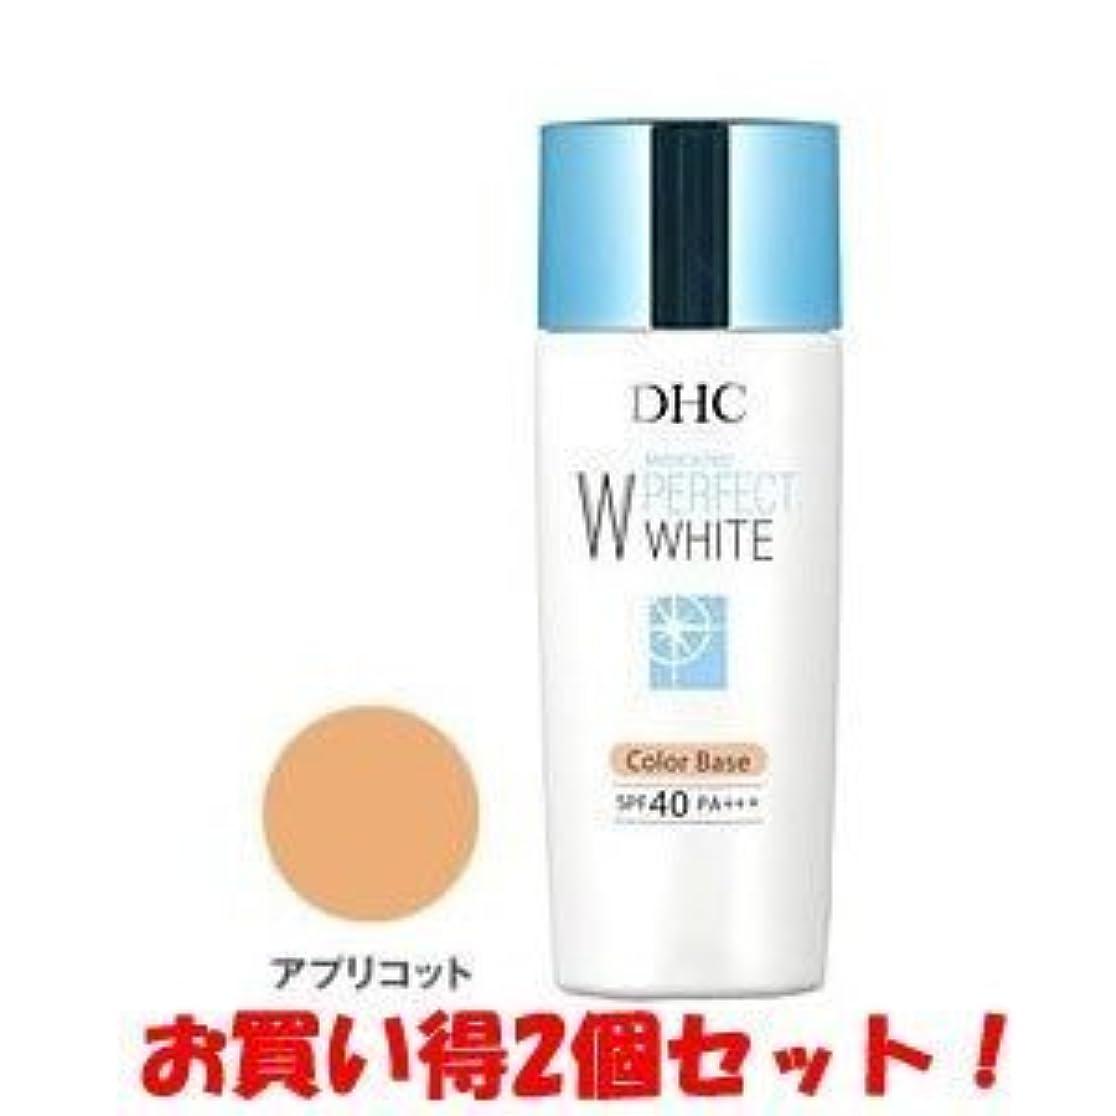 原因バット発掘するDHC 薬用パーフェクトホワイト カラーベース アプリコット 30g(医薬部外品)(お買い得2個セット)